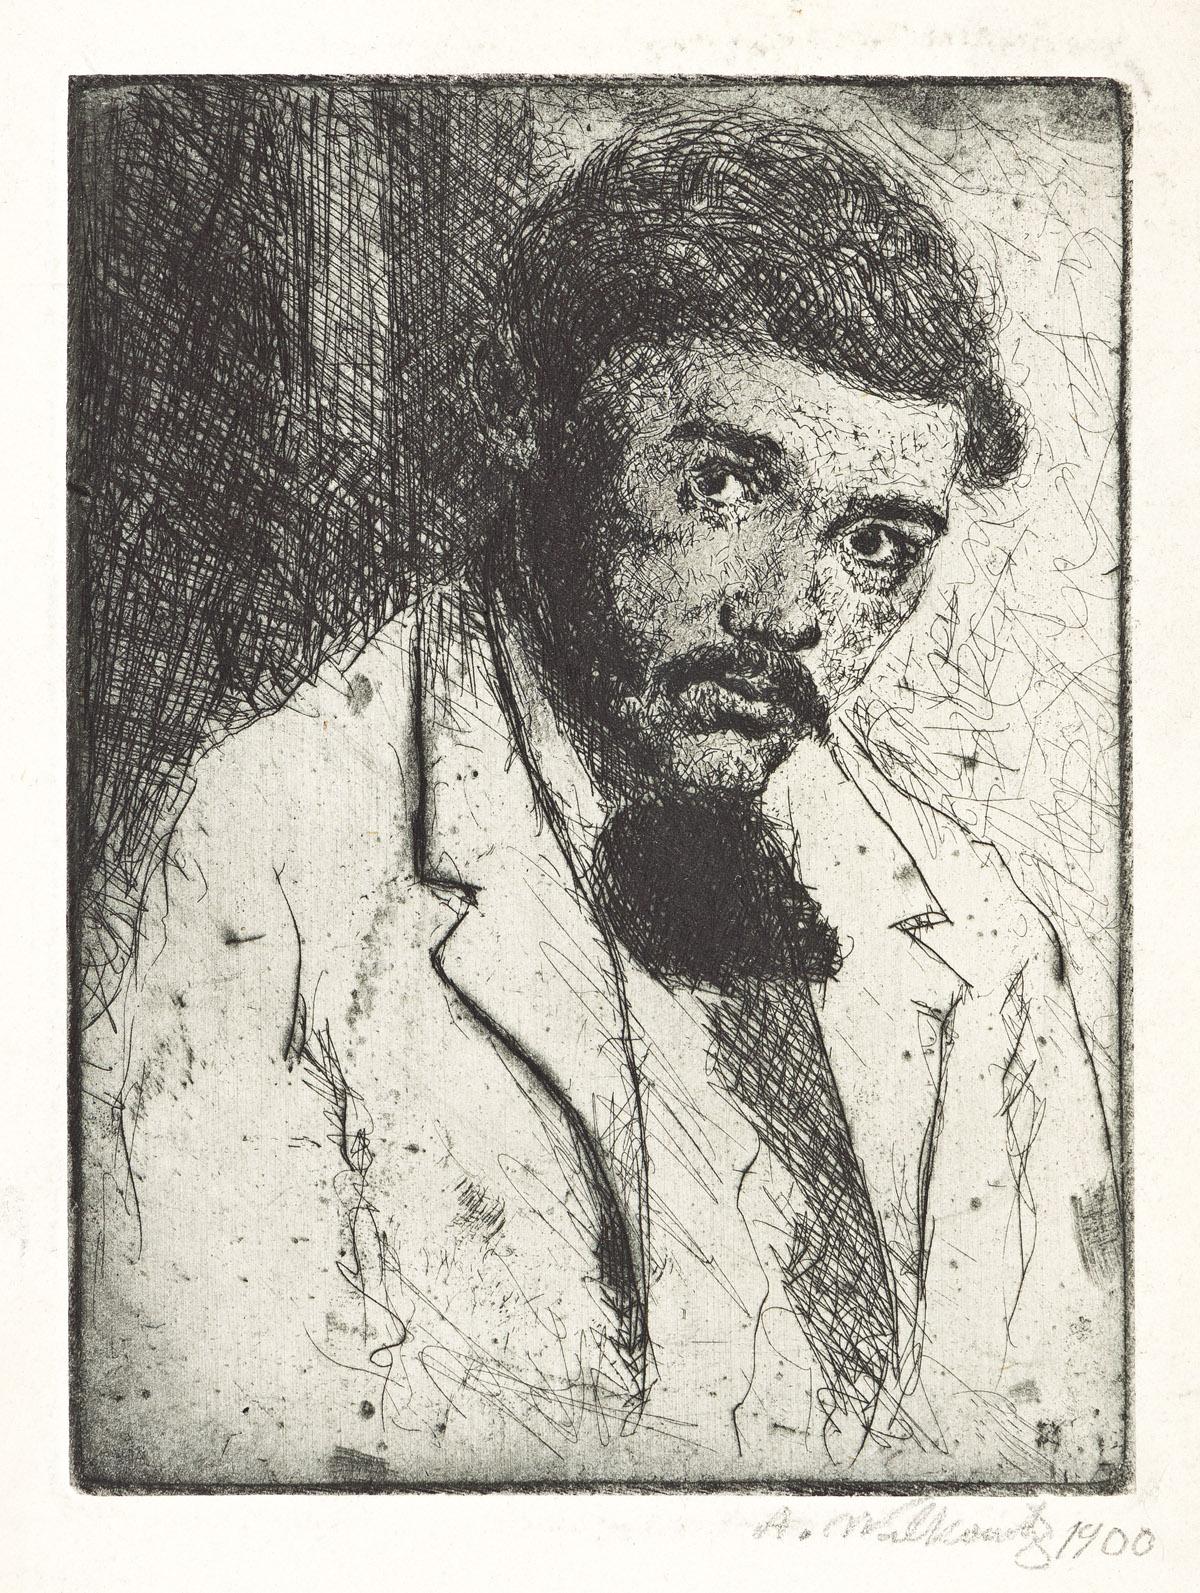 ABRAHAM WALKOWITZ (1878-1965) Self Portrait.